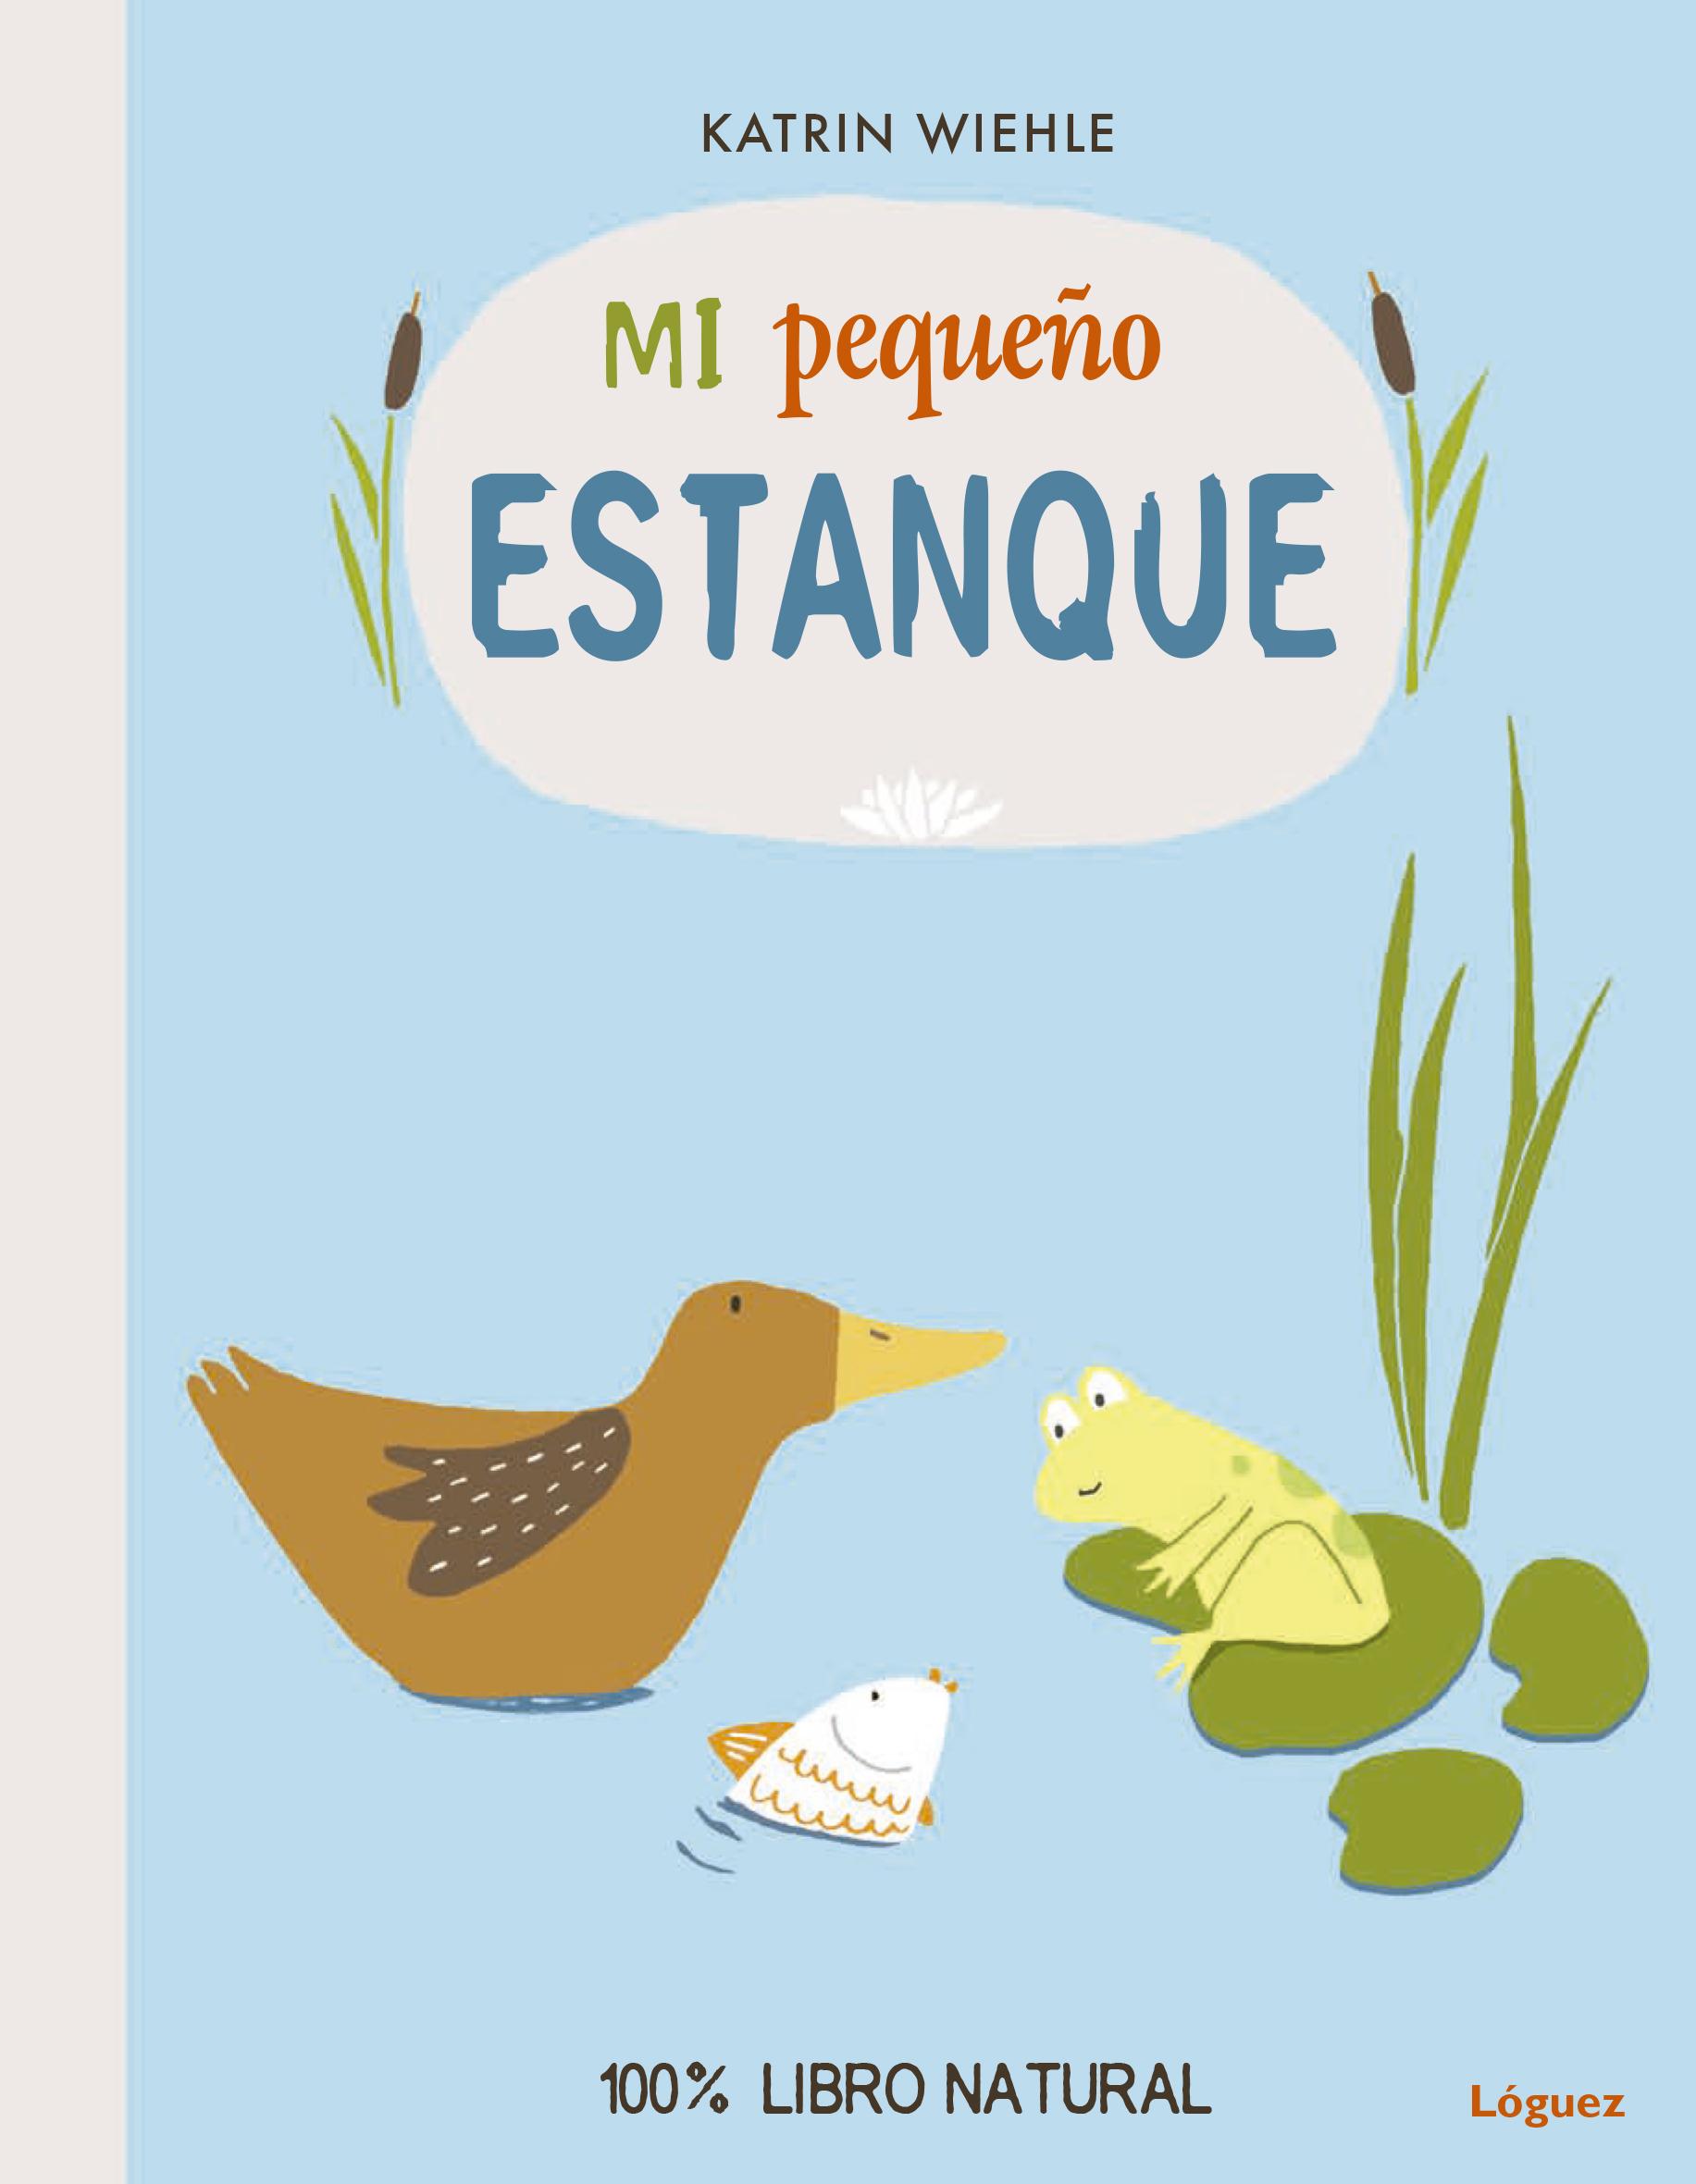 MI PEQUEÑO ESTANQUE / WIEHLE, KATRIN